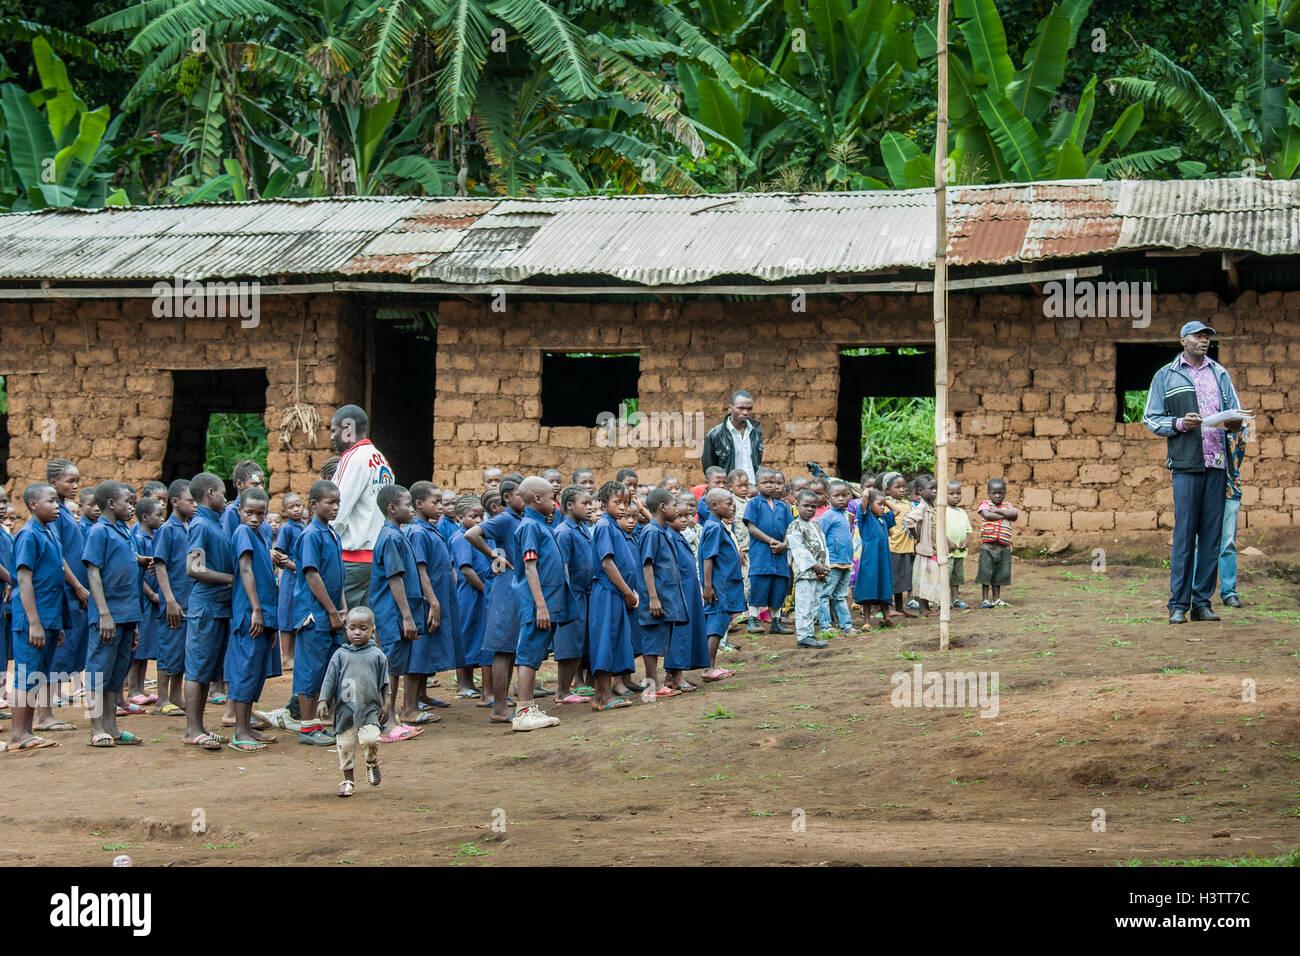 Schoolchildren in uniforms, schoolyard, Foumbam, West Region, Cameroon, Africa - Stock Image